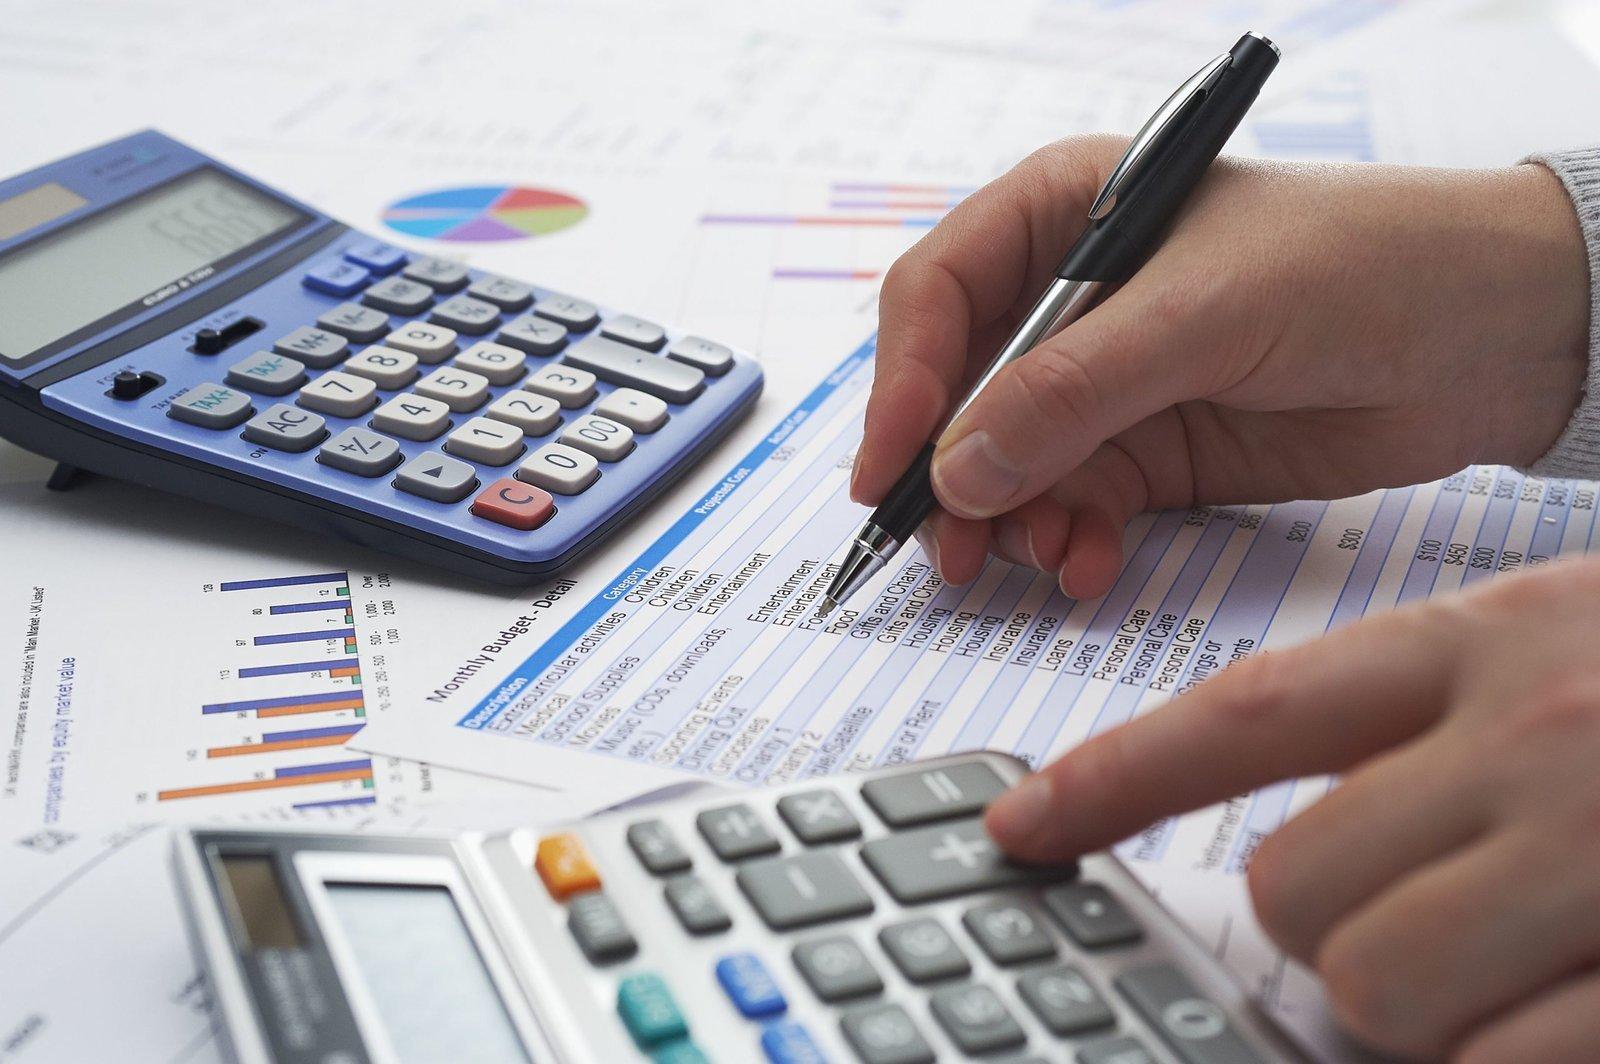 Relatório de desempenho mensal, trimestral e semestral com a rentabilidade, risco e comparação com a meta atuarial